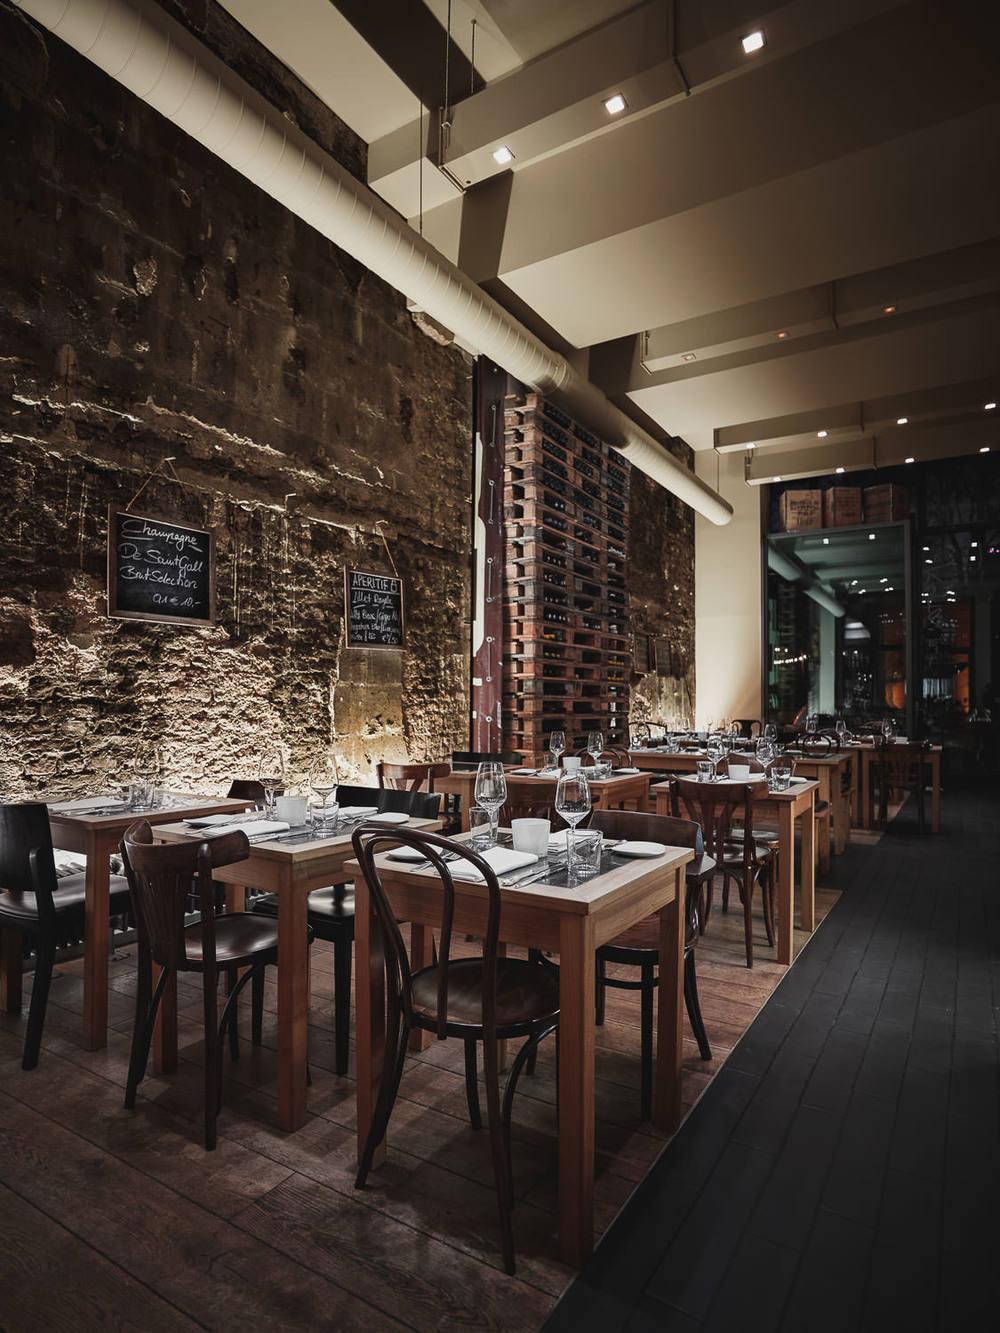 acht-restaurant-köln-klaus-dyba-10-2.jpg